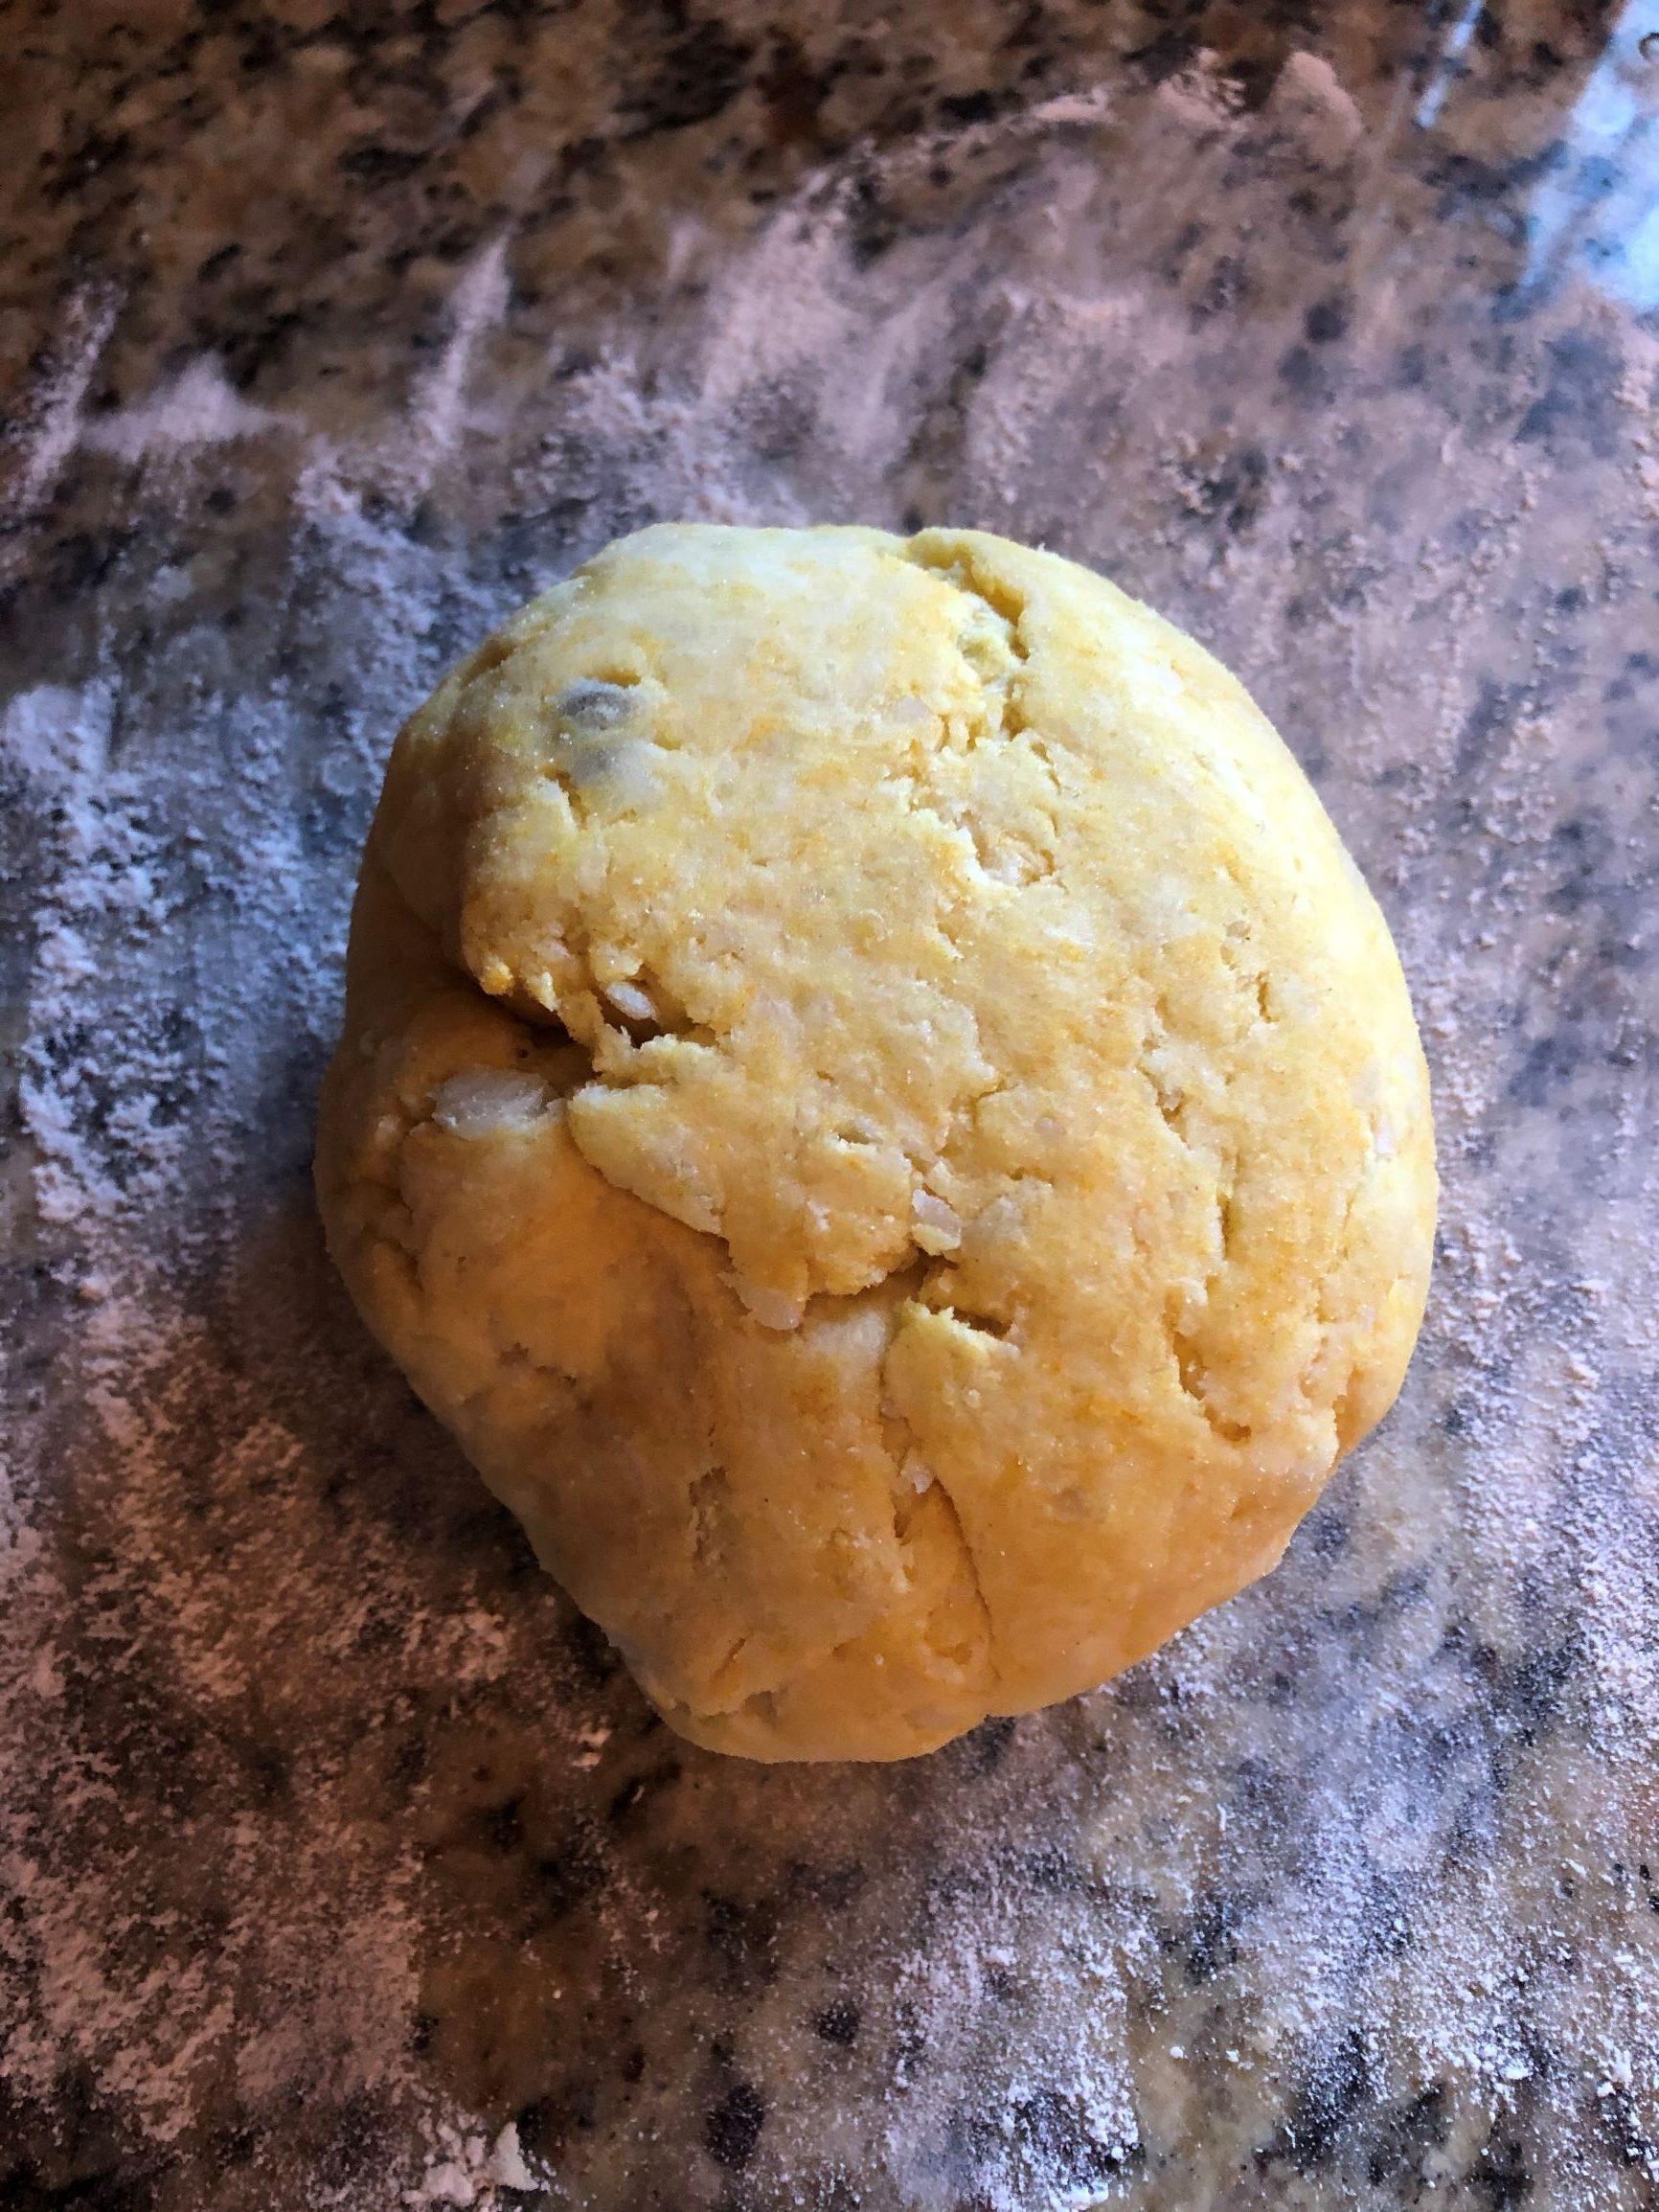 Gnocchi - Kneaded gnocchi dough